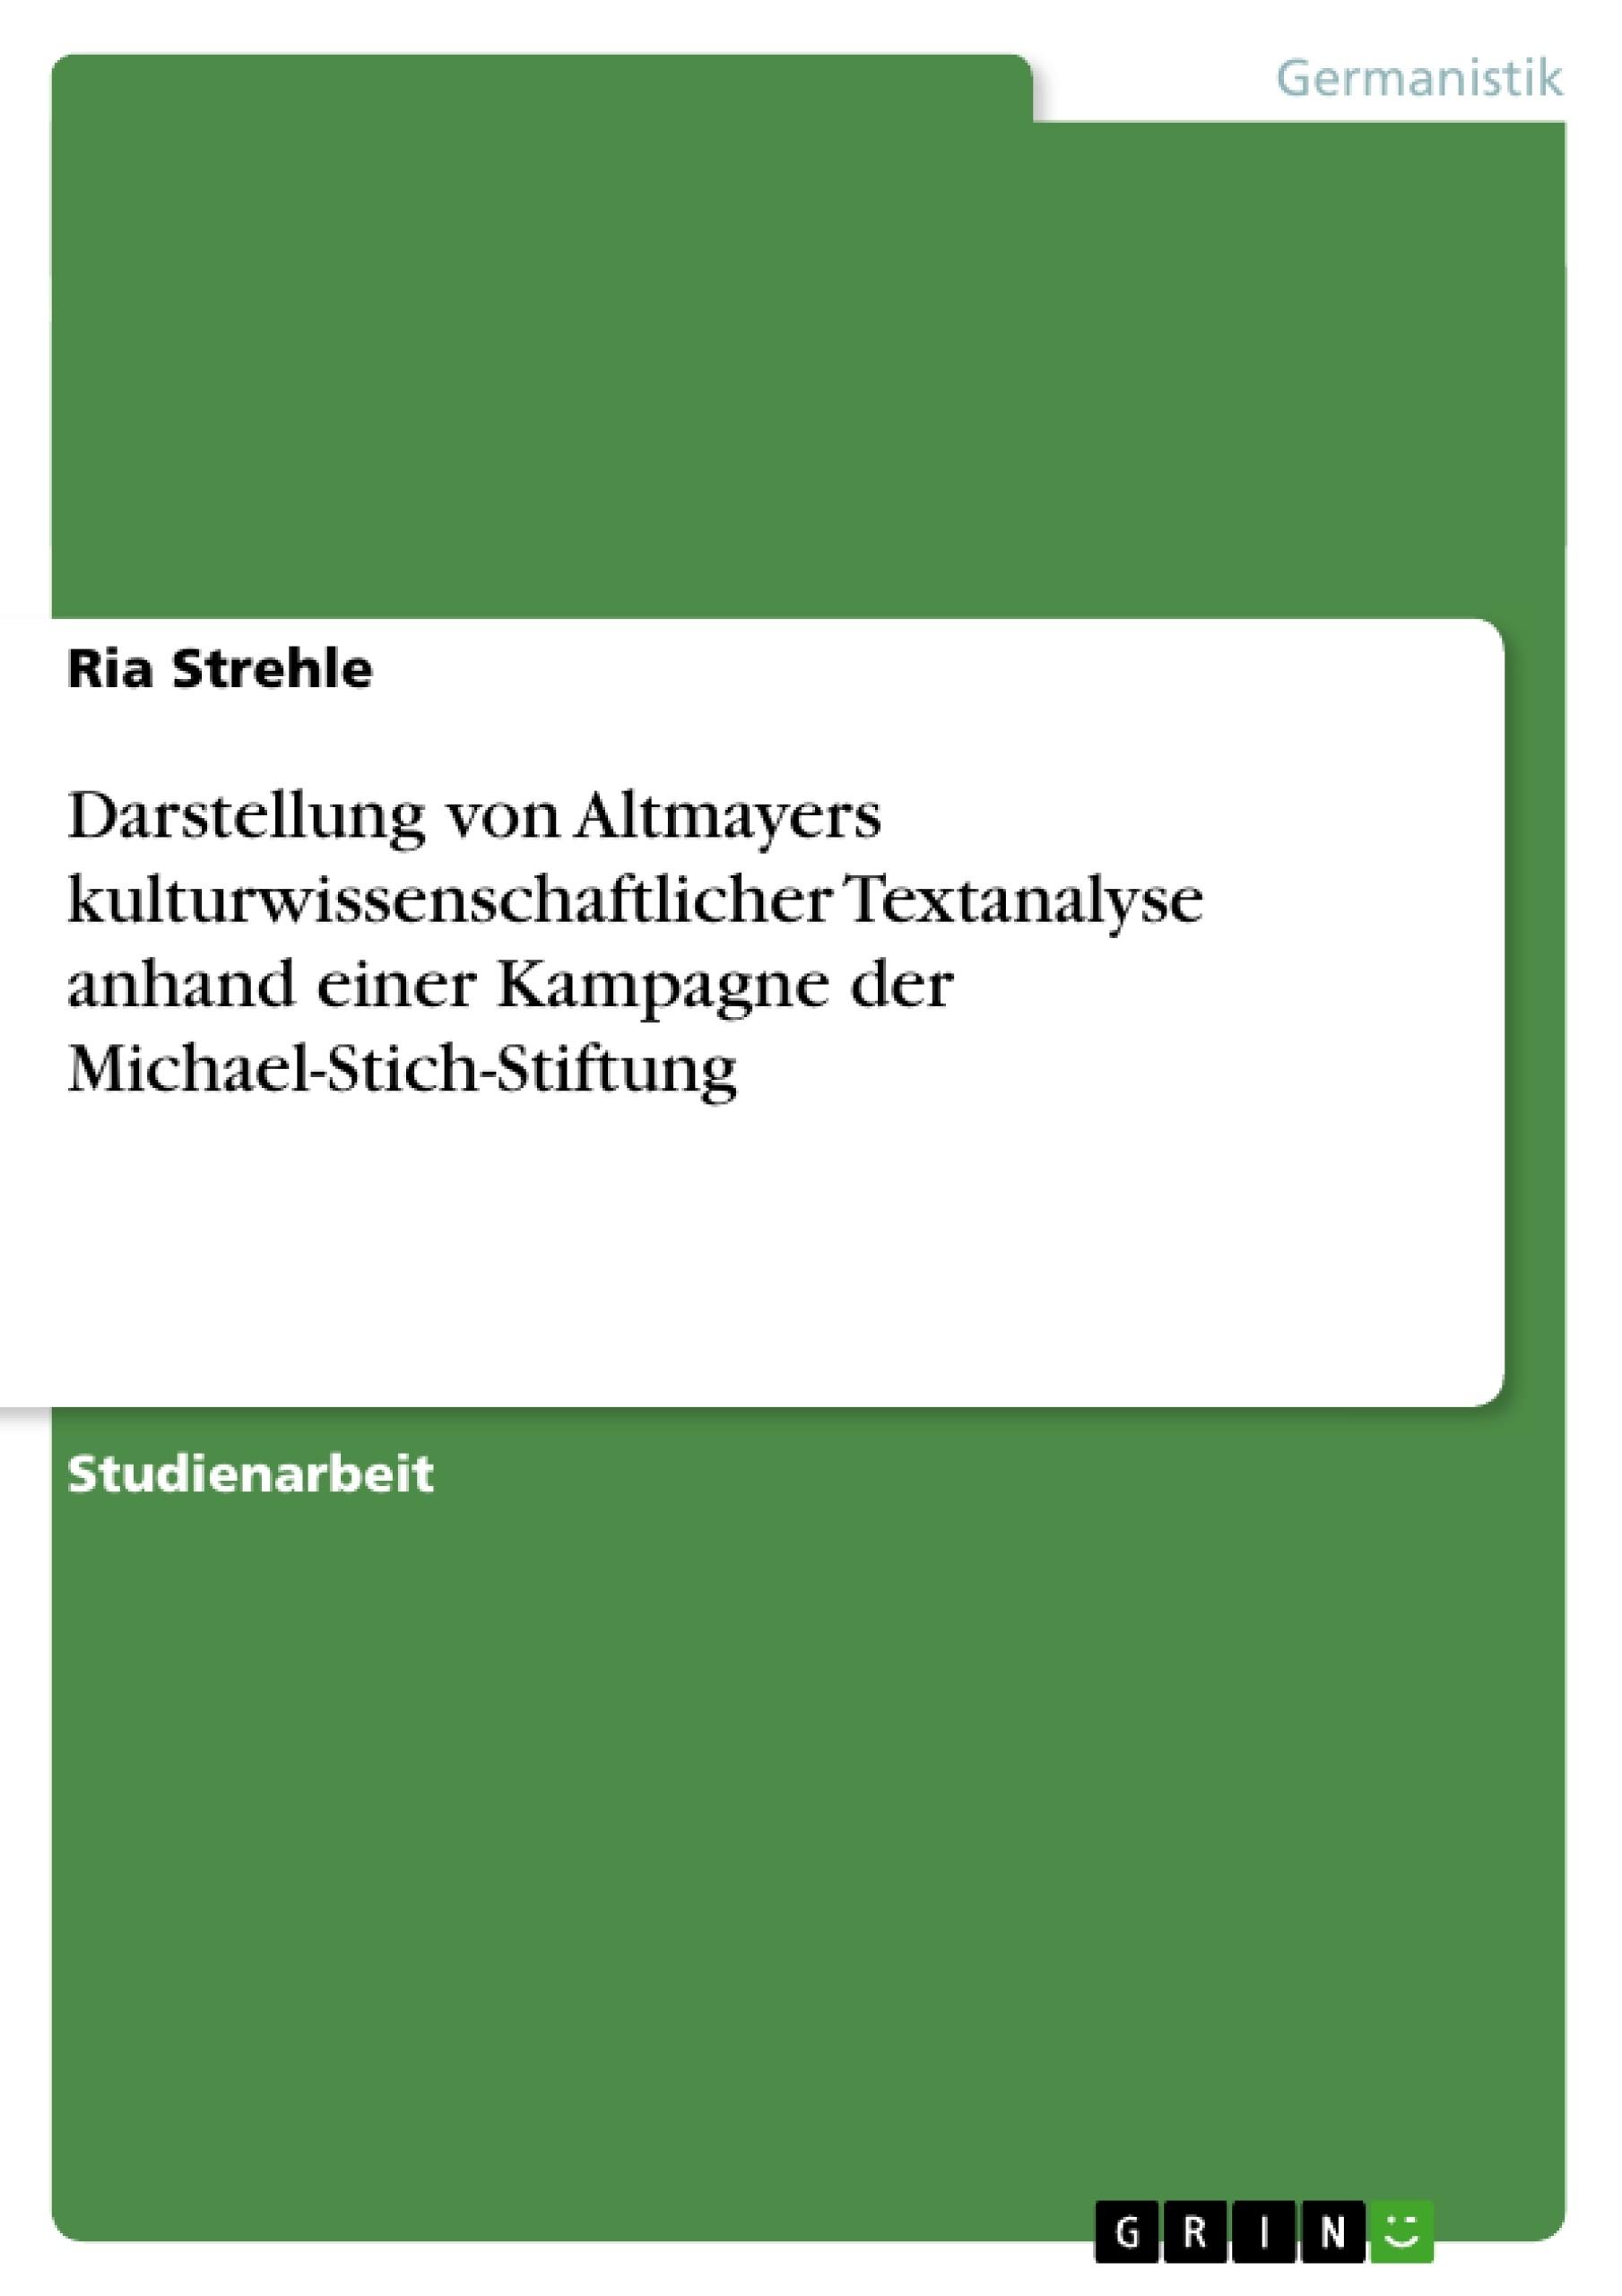 Titel: Darstellung von Altmayers kulturwissenschaftlicher Textanalyse anhand einer Kampagne der Michael-Stich-Stiftung